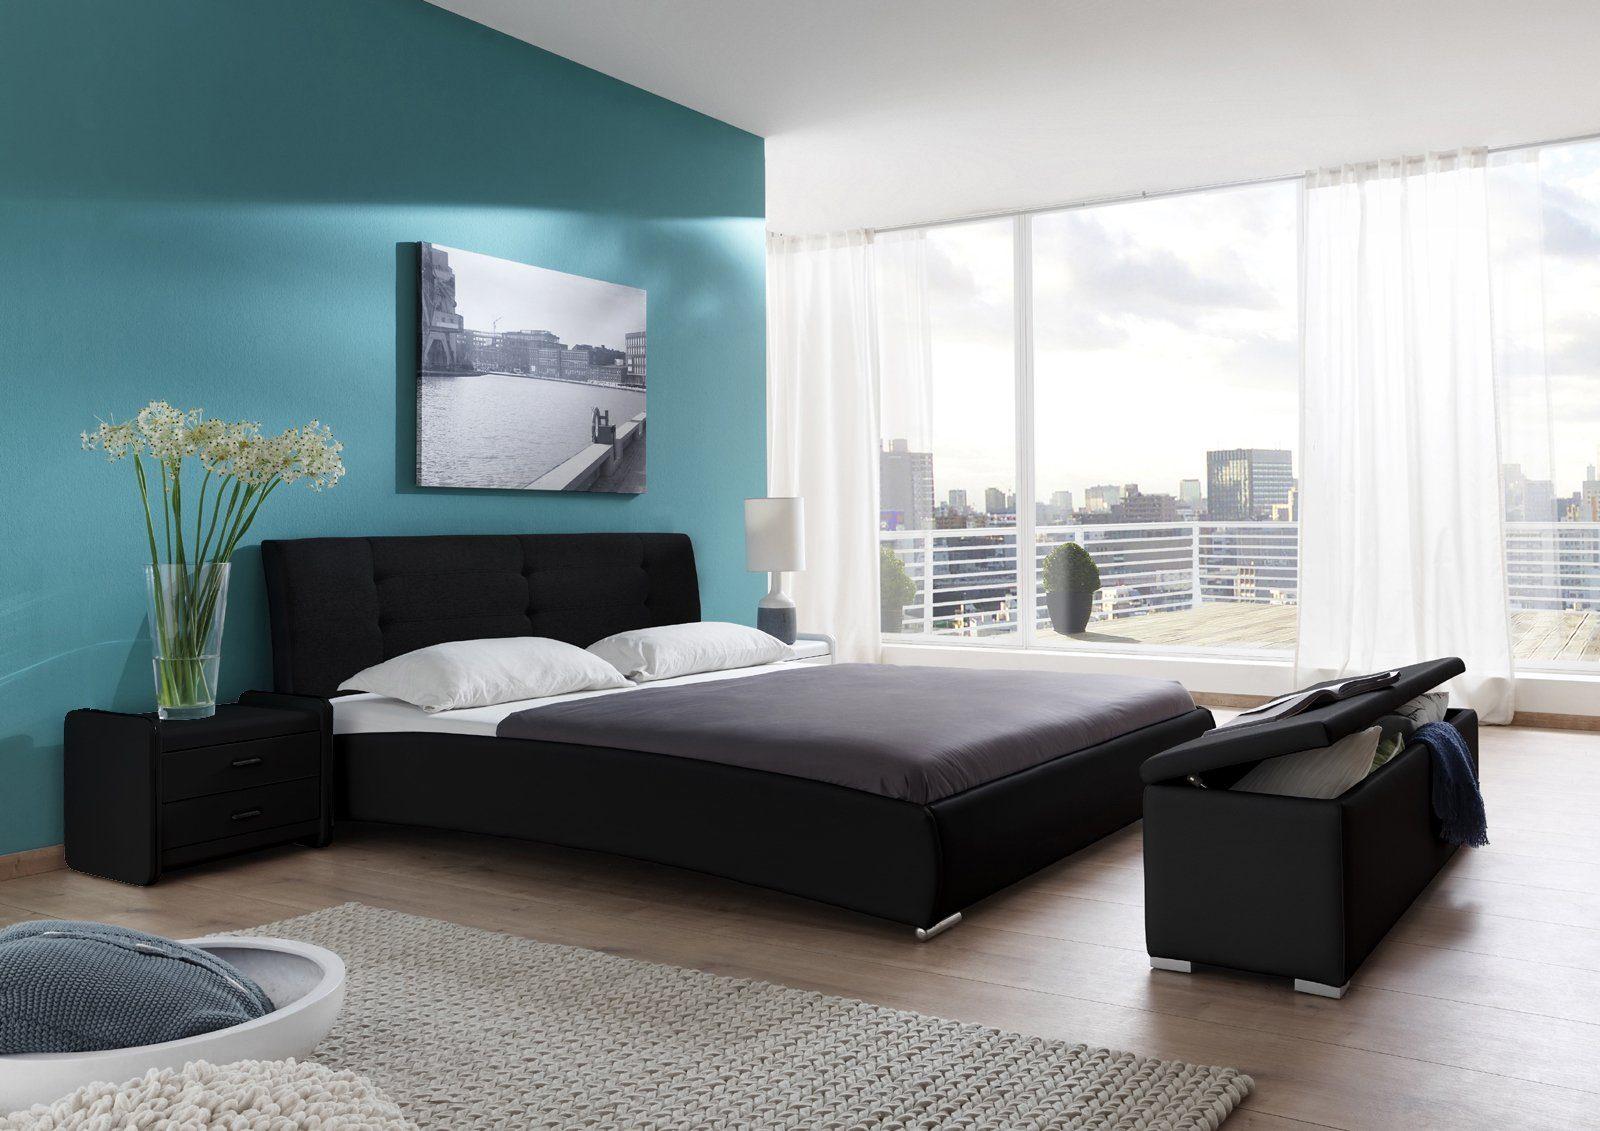 Lattenrostabsenkung bzw. Einlasstiefe der Matratze? (Bett, Lattenrost)